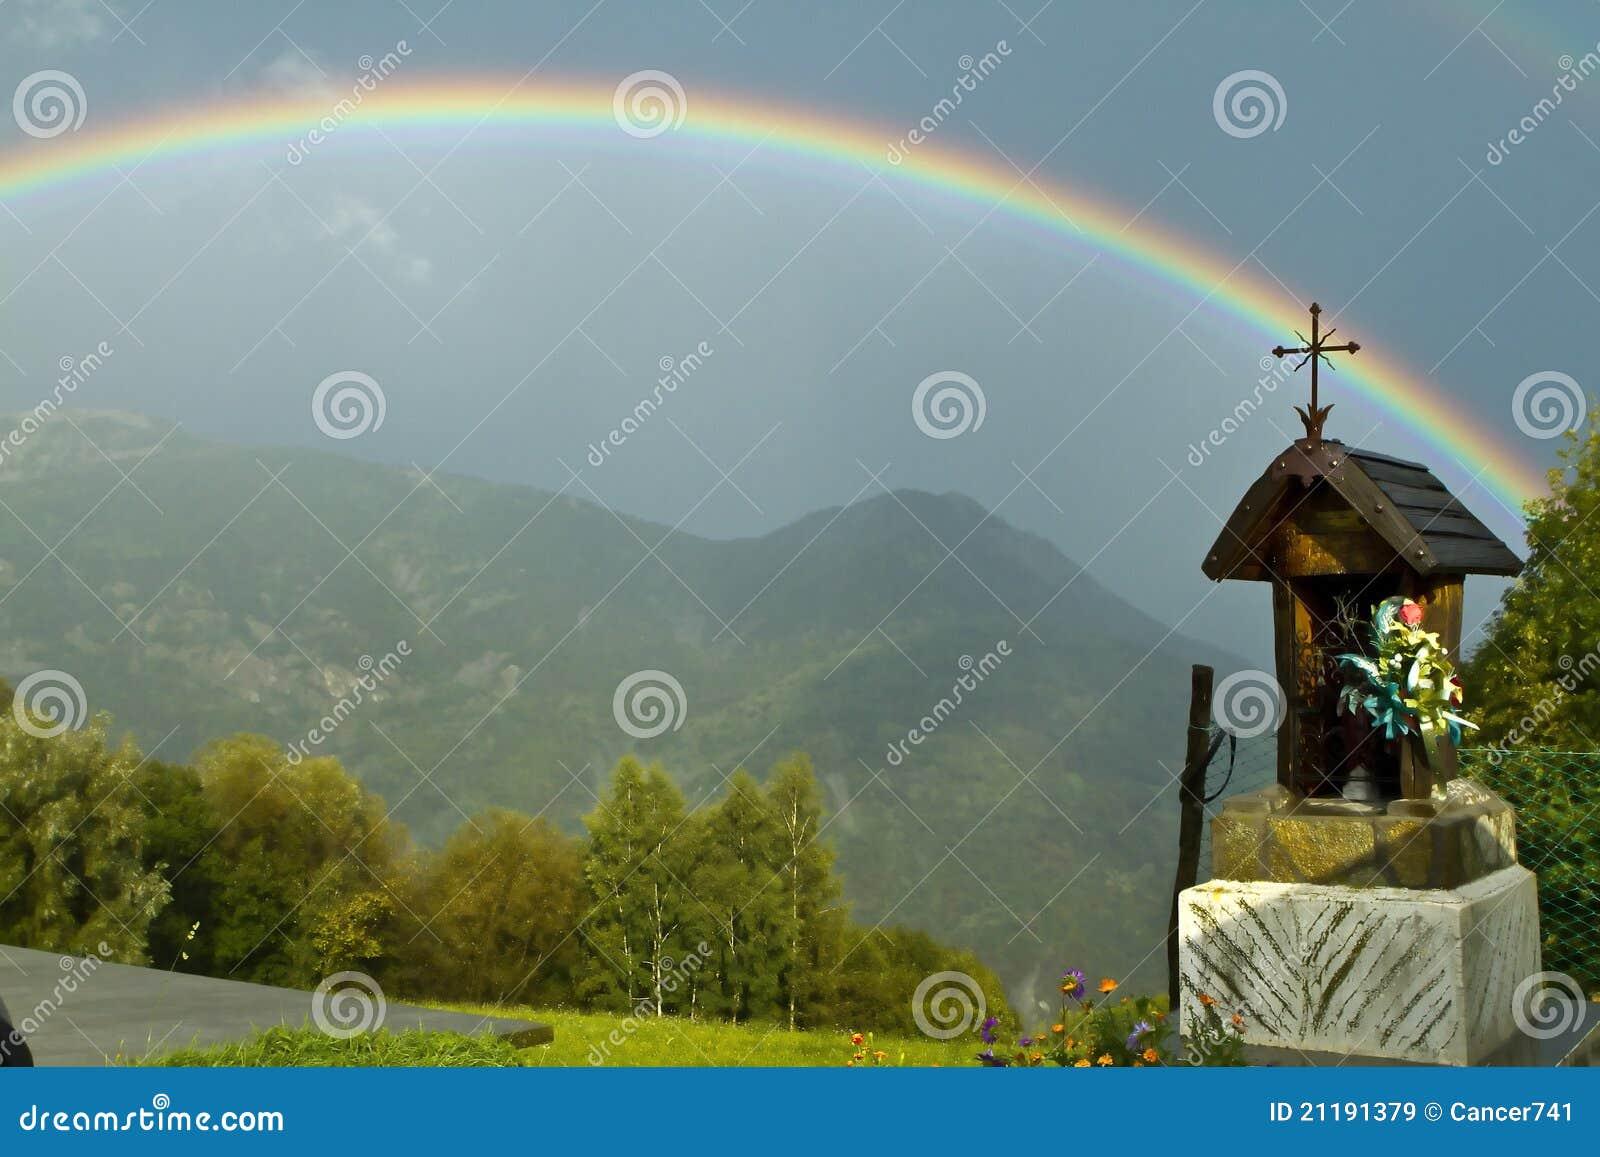 Rainbow in the Italian mountains